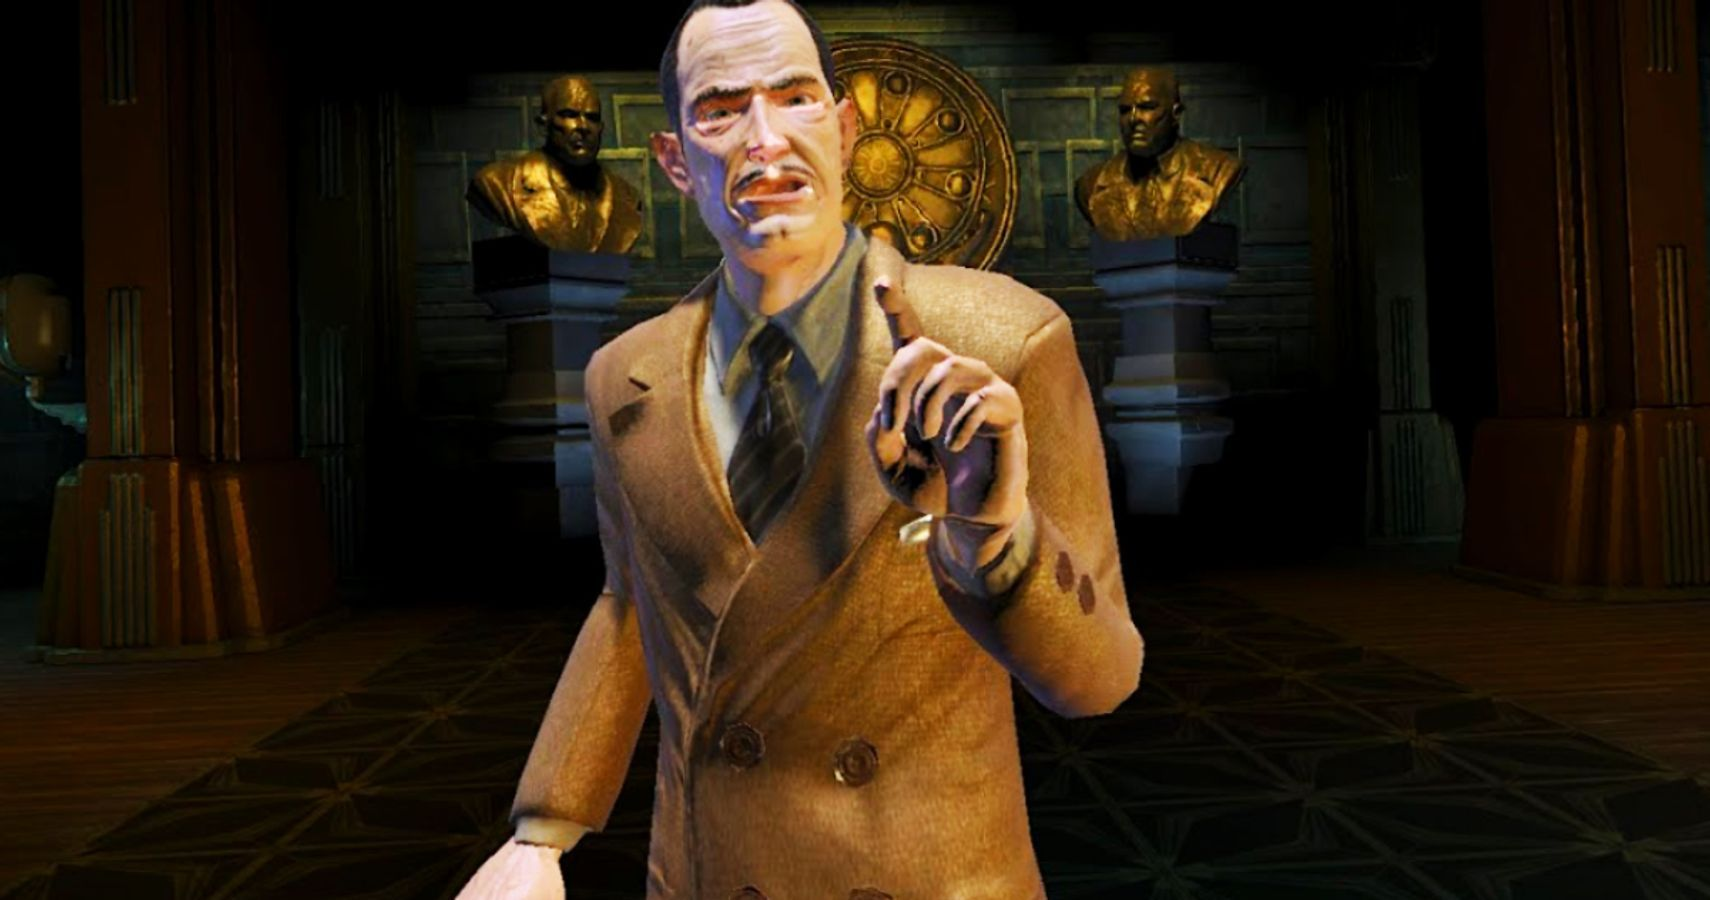 BioShock: Andrew Ryan